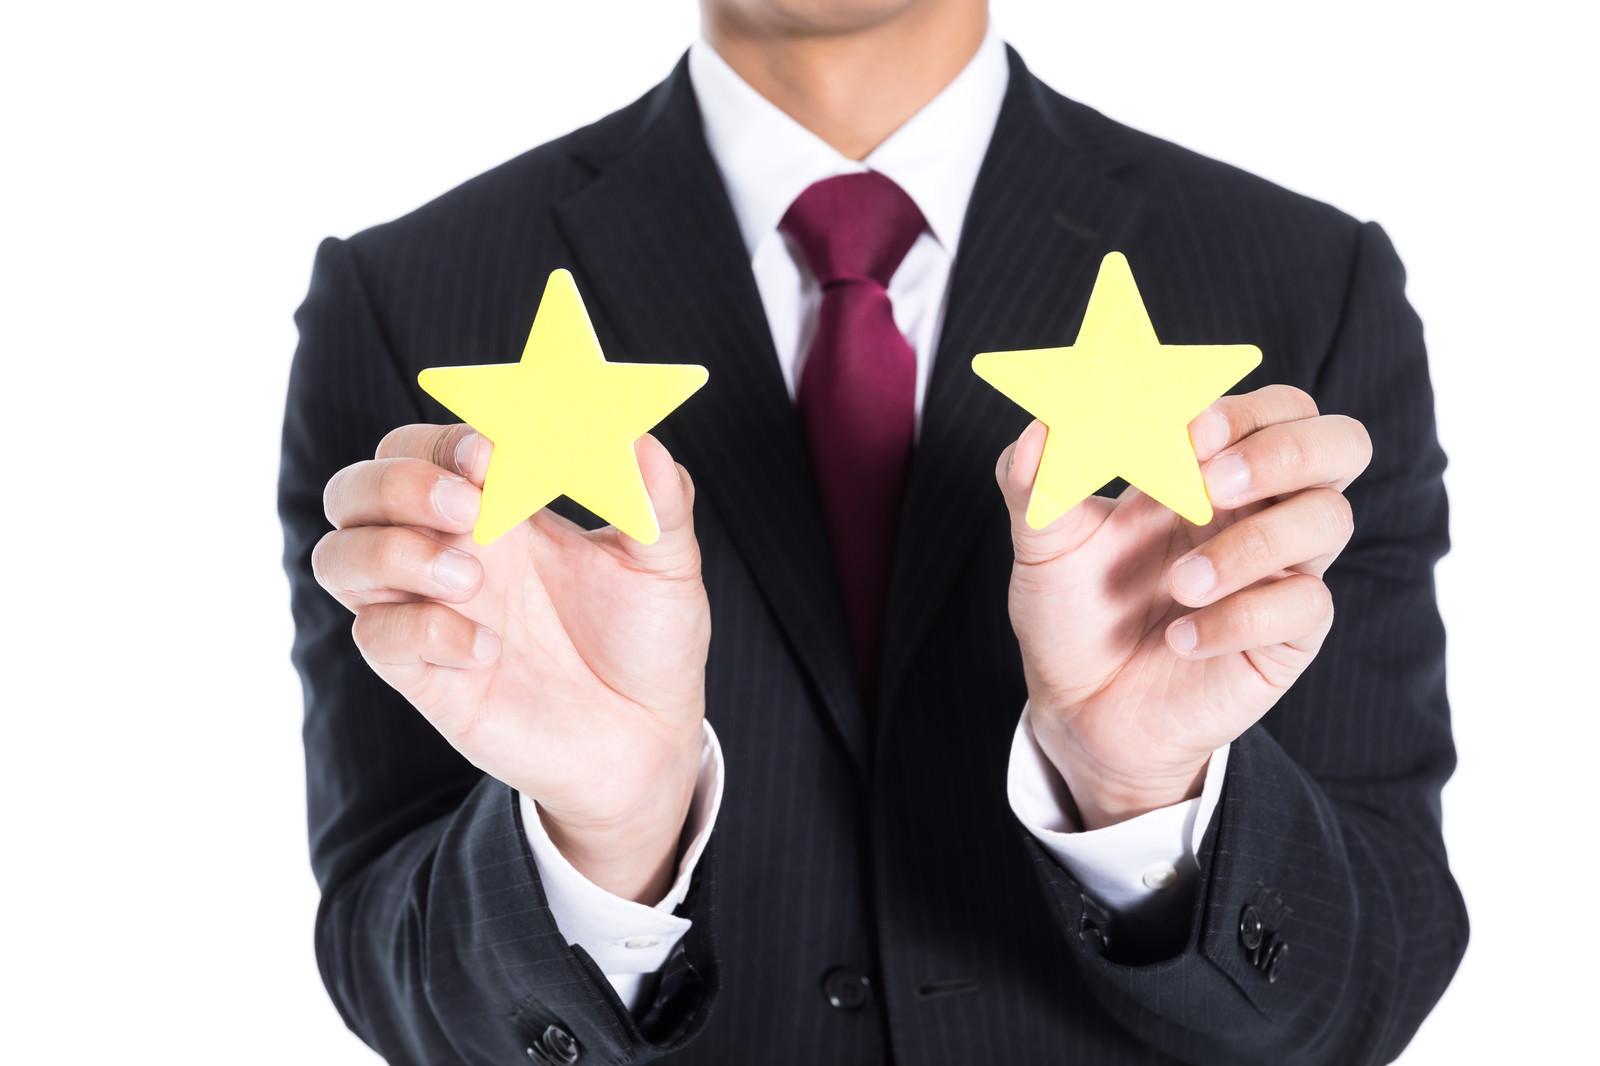 「この会社の評価は星2つです | 写真の無料素材・フリー素材 - ぱくたそ」の写真[モデル:大川竜弥]